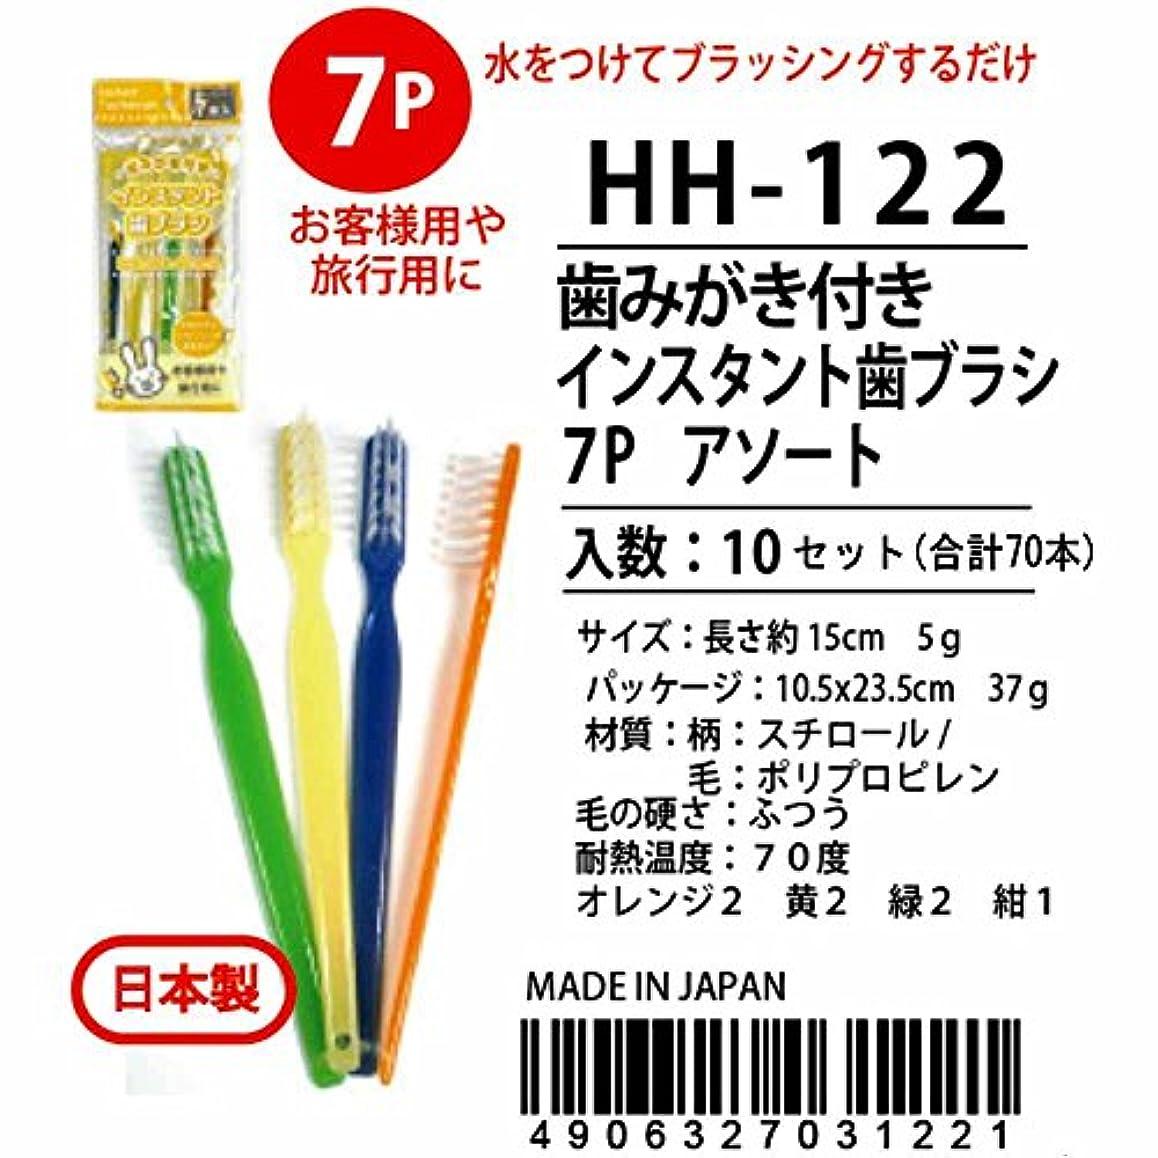 エンティティ夜物質スバル 歯みがき付きインスタント歯ブラシ7P アソート HH-122 【まとめ買い10個セット】